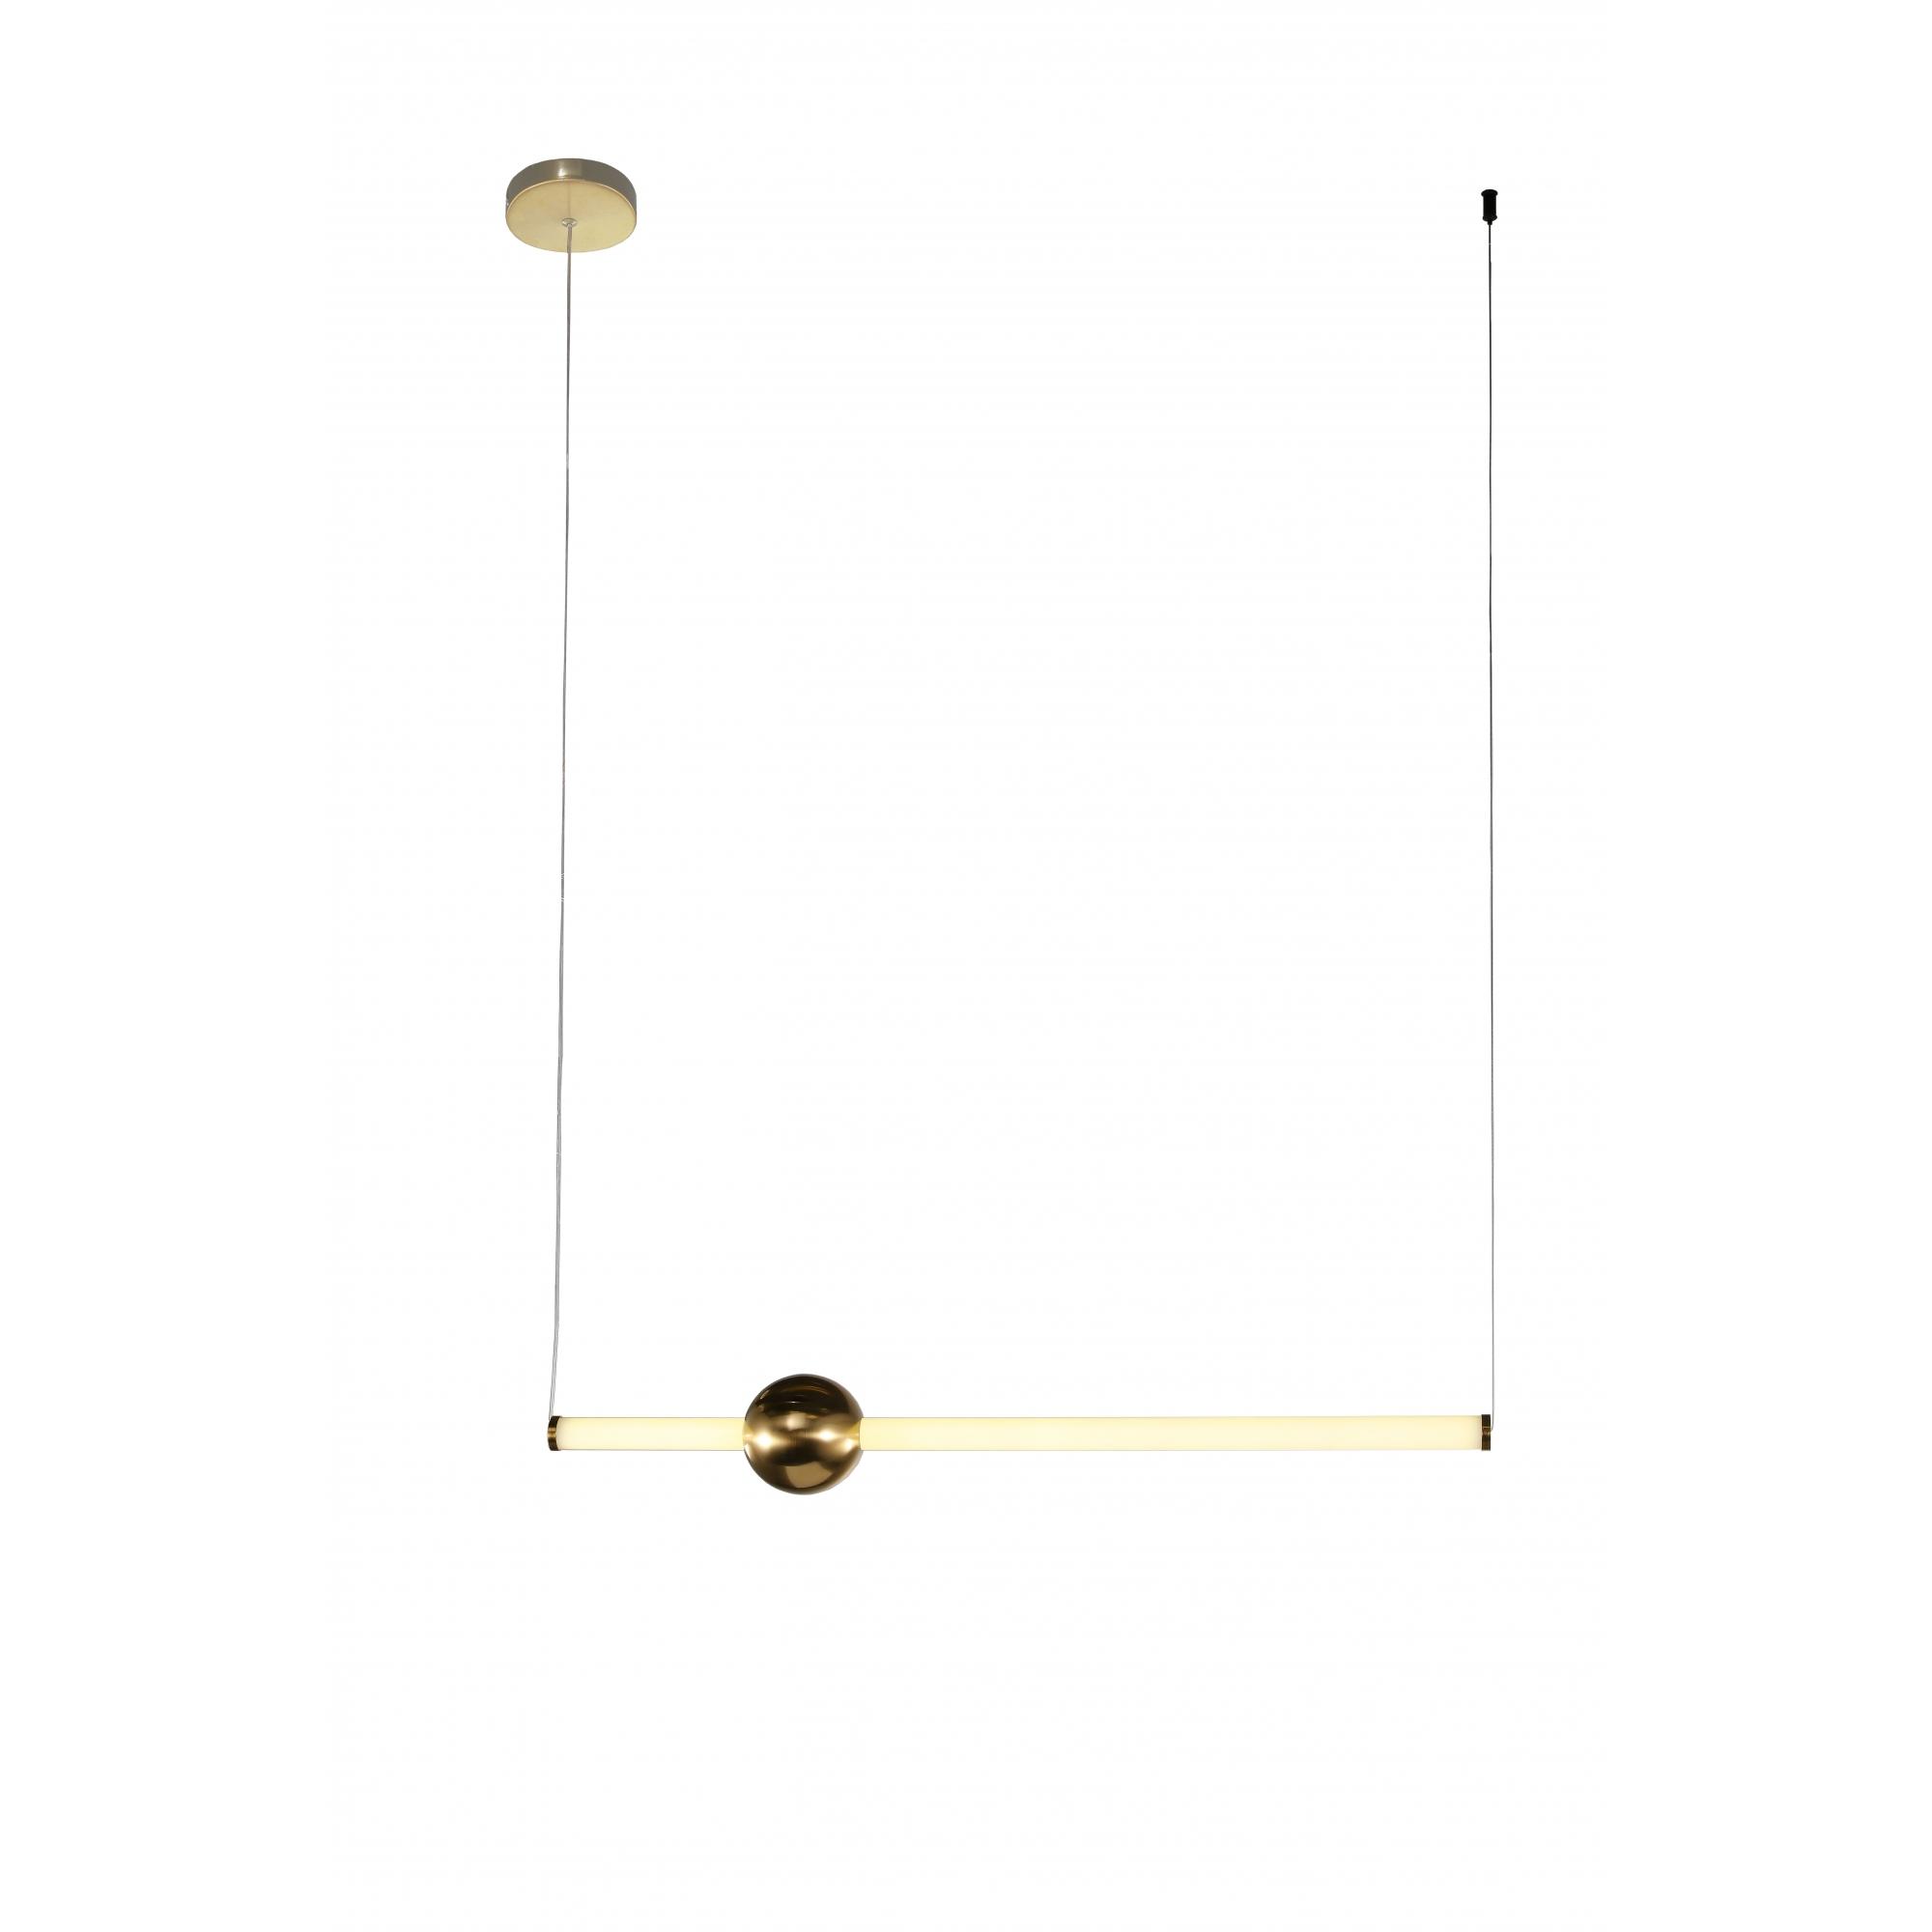 Pendente Bossa Nova Dourado e Branco 12x90cm 1xLed 20W Bivolt Bella Iluminação OC006